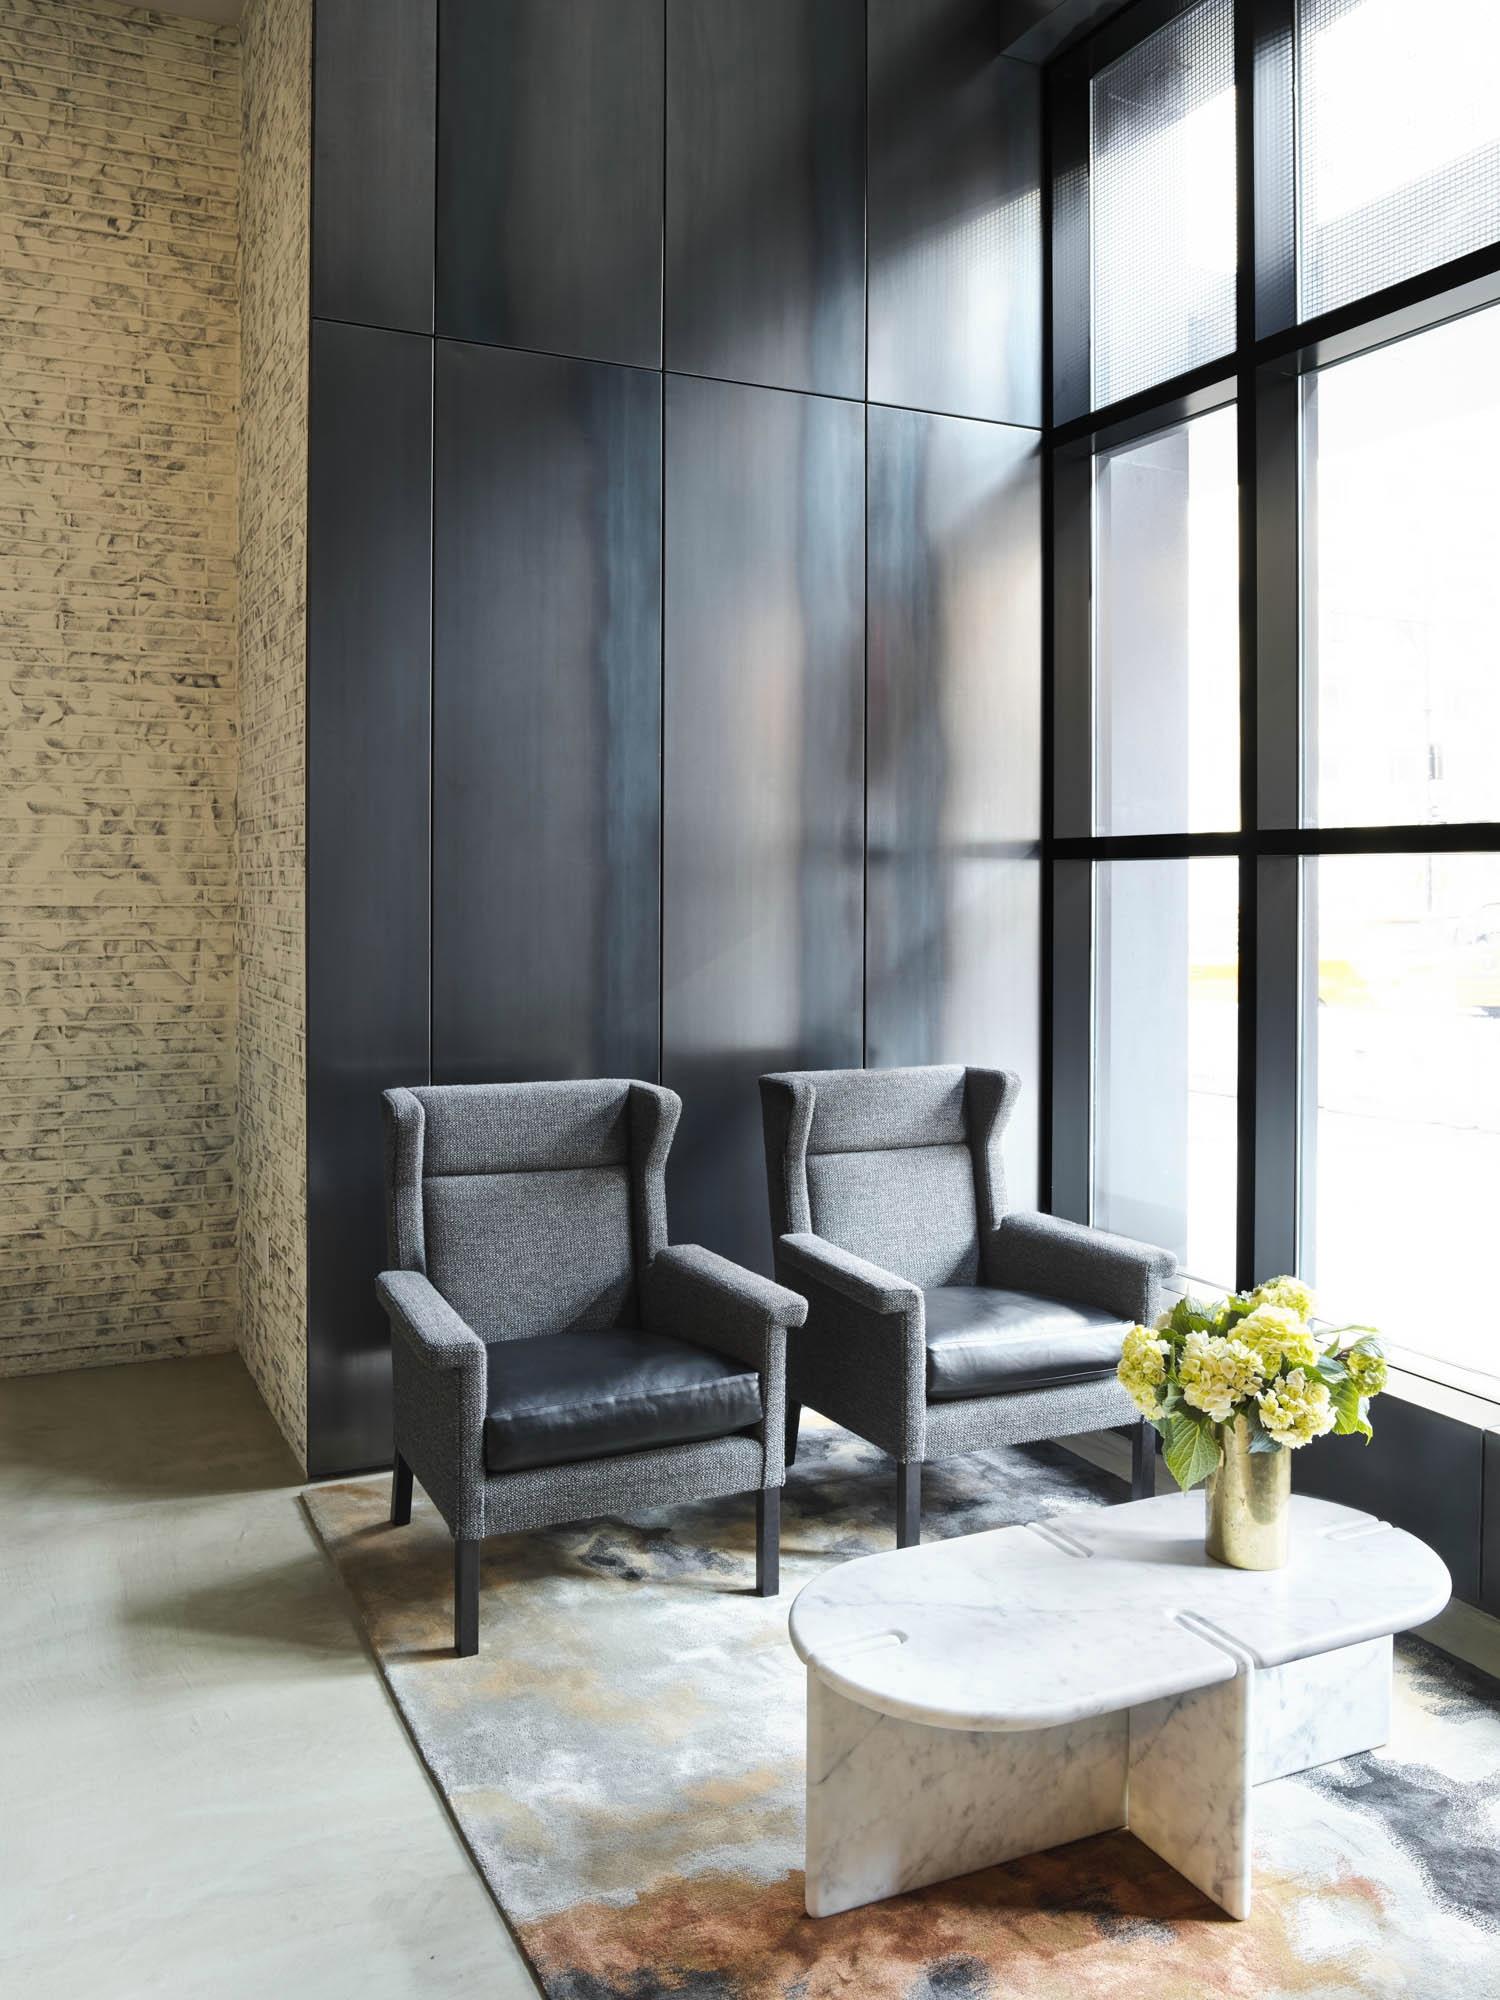 The Sutton Condominium Lobby Sitting Area